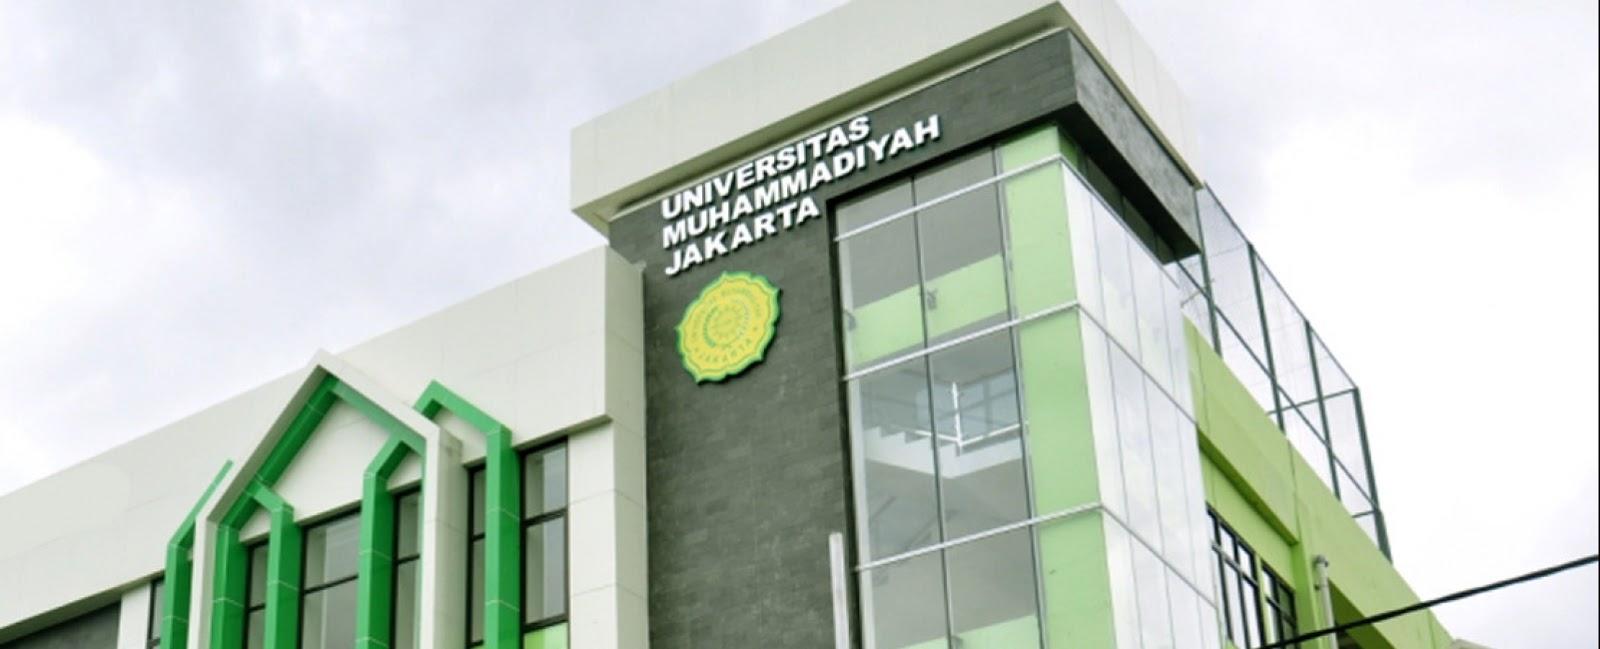 Biaya Kuliah Muhamadiah Jakarta (UMJ) 2017-2018